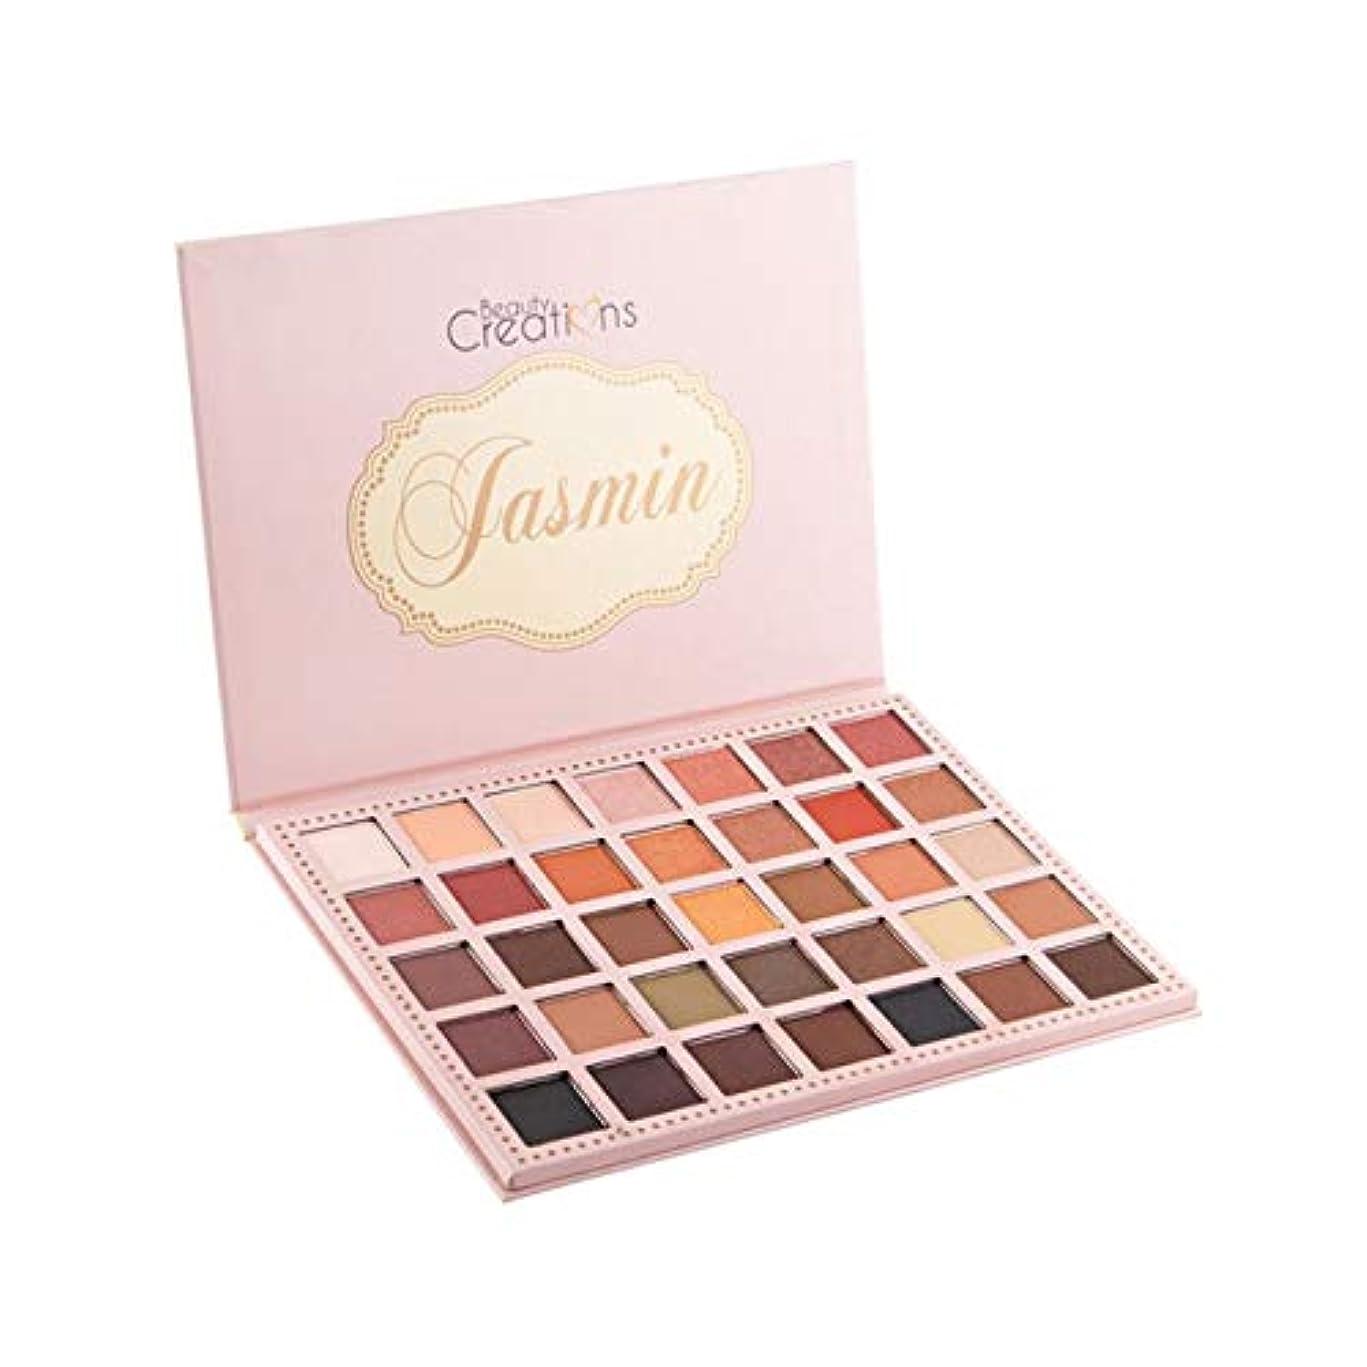 ギャラリー待つ端(6 Pack) BEAUTY CREATIONS 35 Color Eyeshadow Palette - Jasmin (並行輸入品)